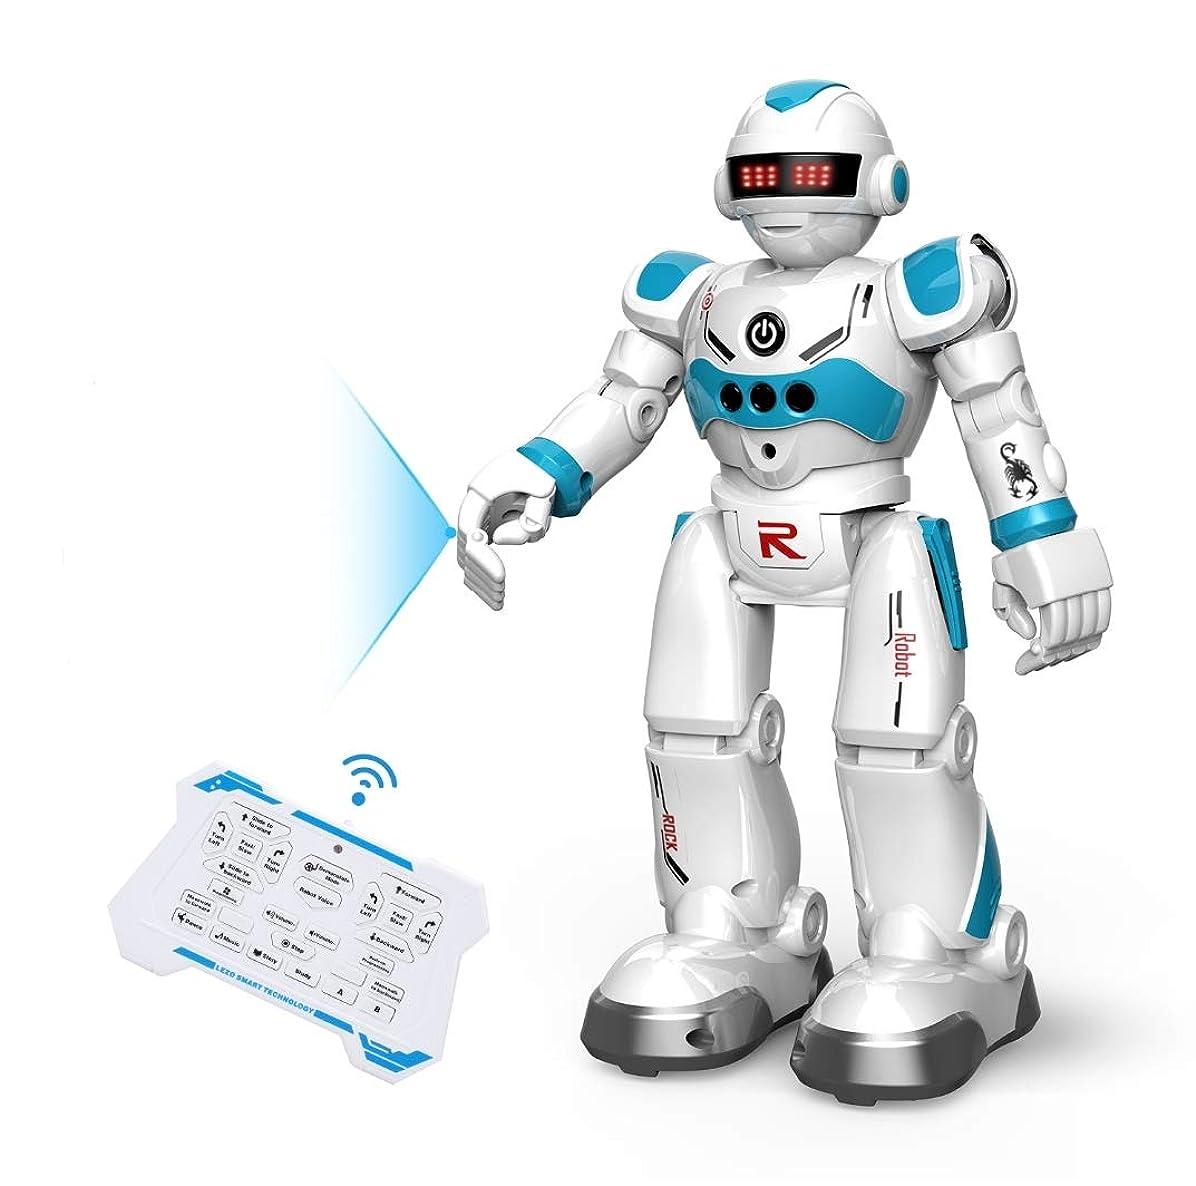 でもリーン特別なDEERC ロボット おもちゃ 電動ロボット ラジコン 男の子 多機能ロボット プログラム可能 手振り制御 男の子 女の子 子供の日 クリスマスプレゼント 99888-3